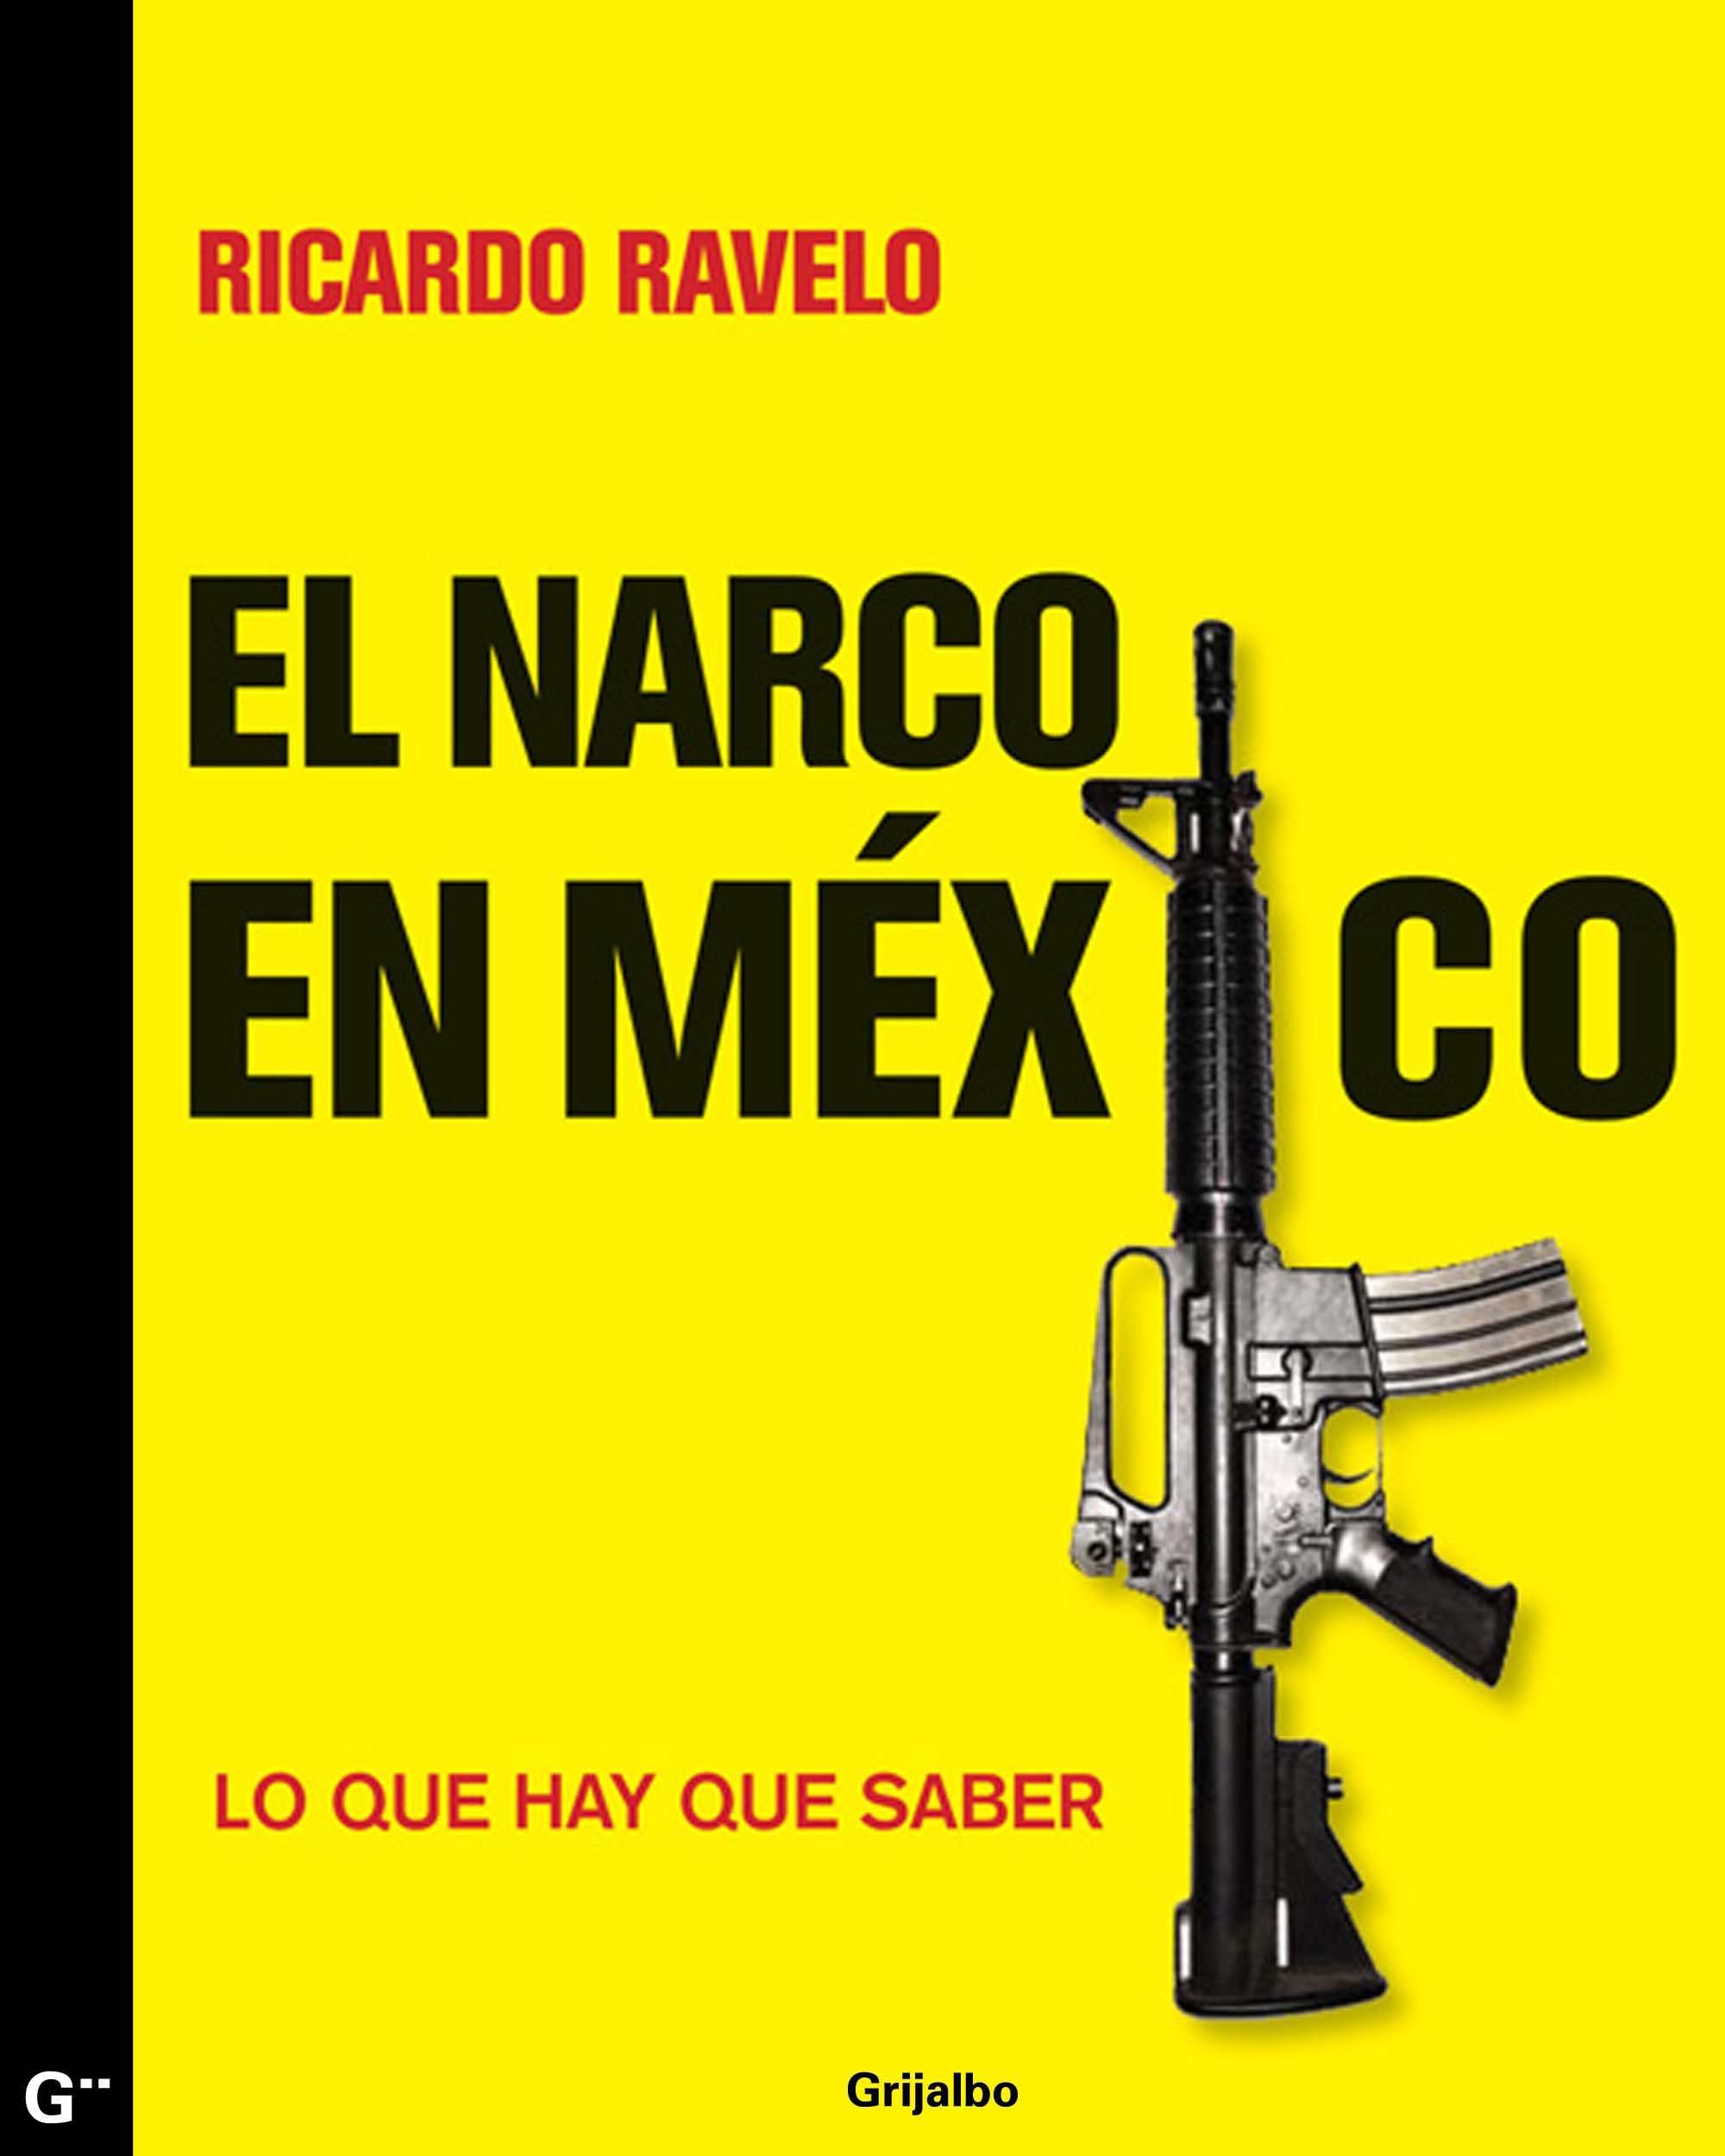 descargar libro los señores del narco pdf gratis